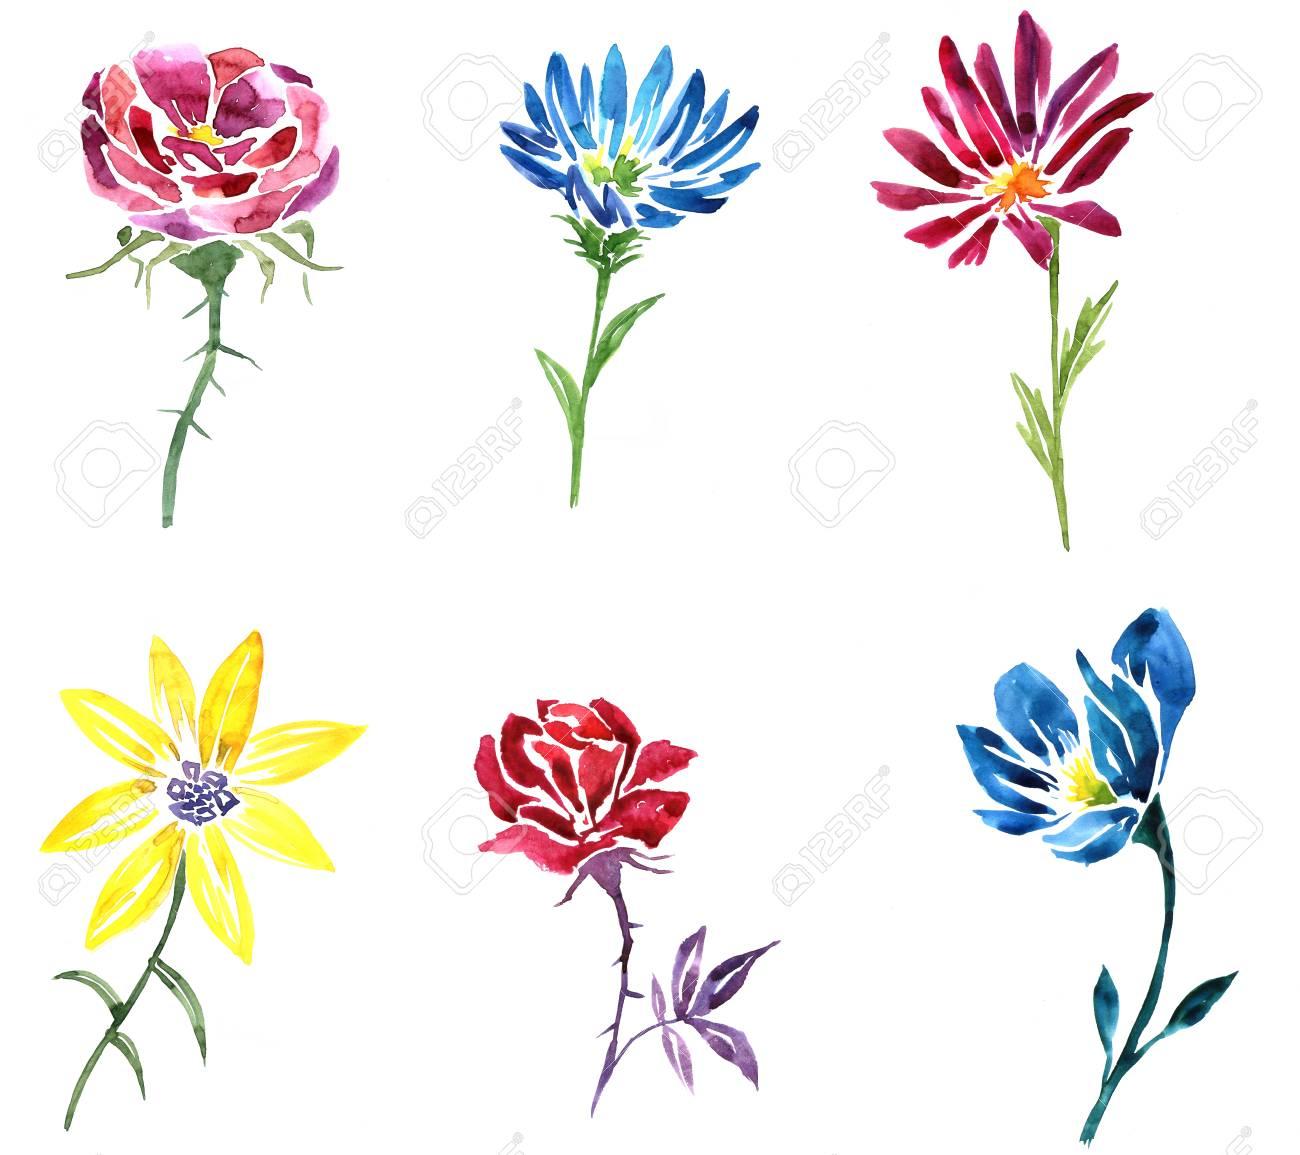 Dessin Fleurs Aquarelle Ensemble D Elements Floraux Isoles